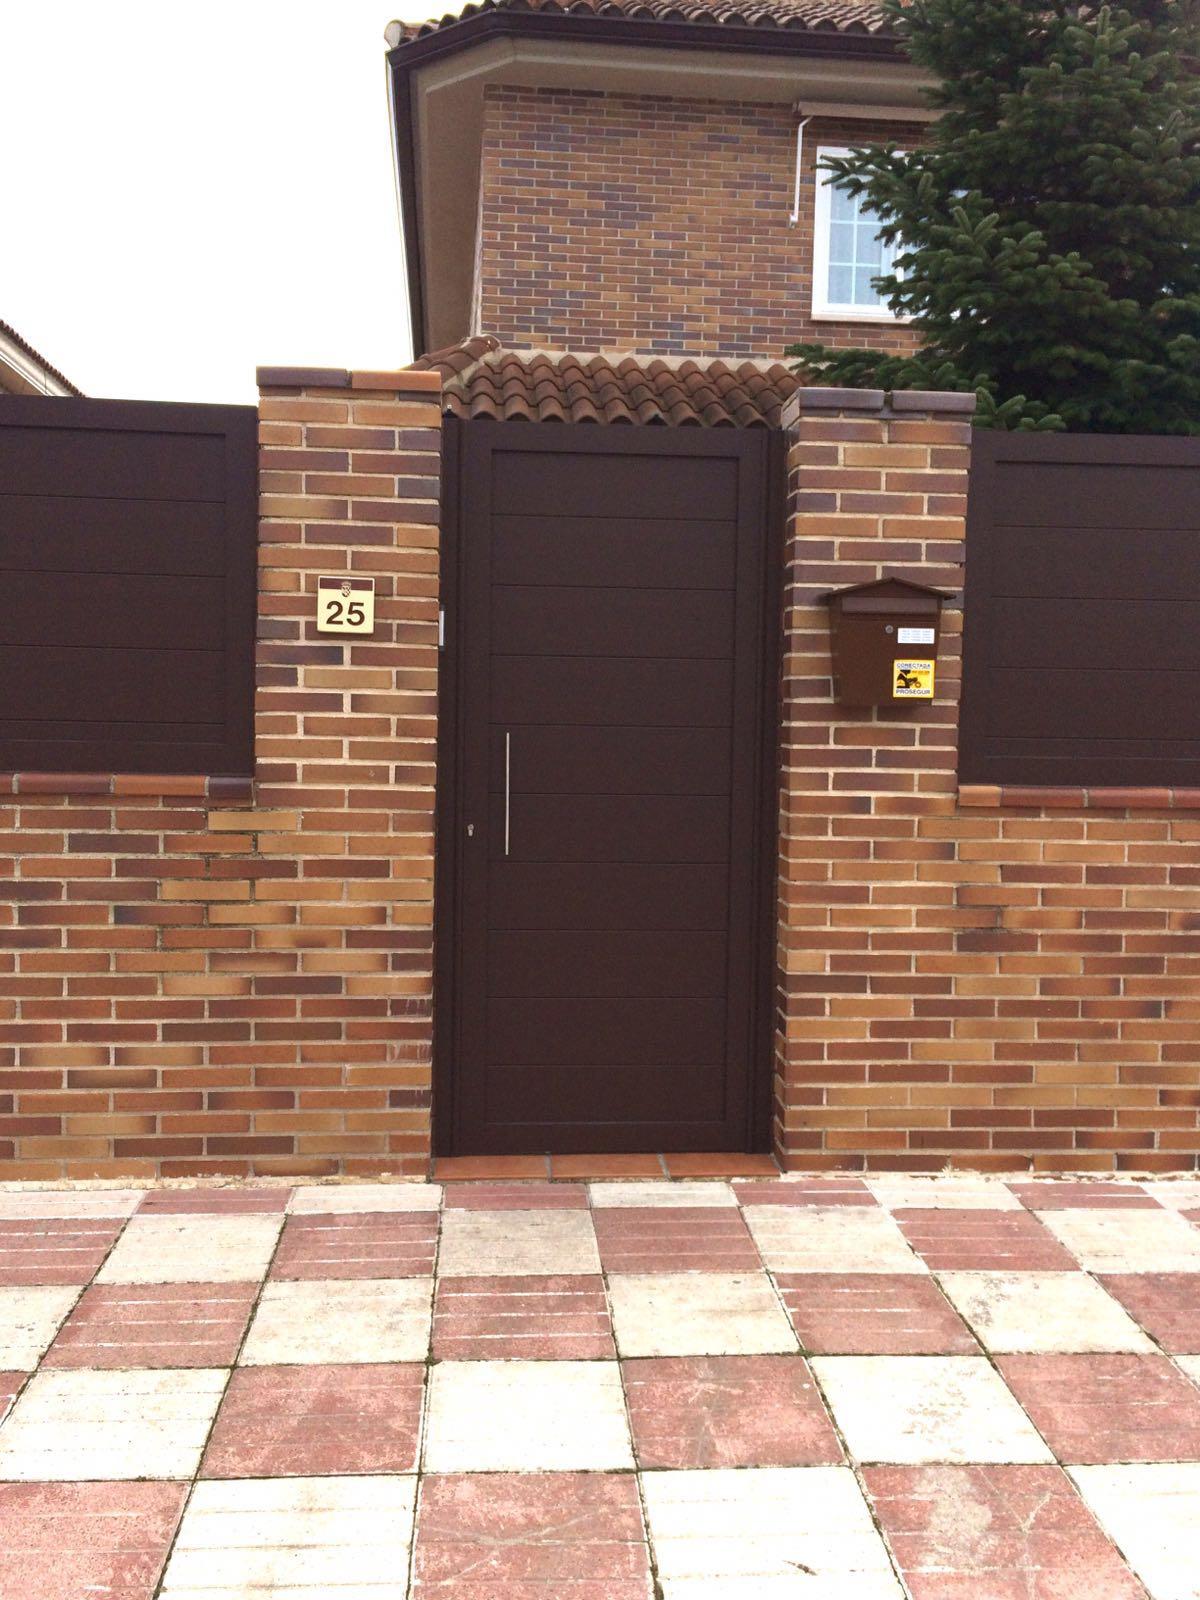 Puertas de aluminio para exterior modelo gri on - Modelo de puertas de aluminio ...